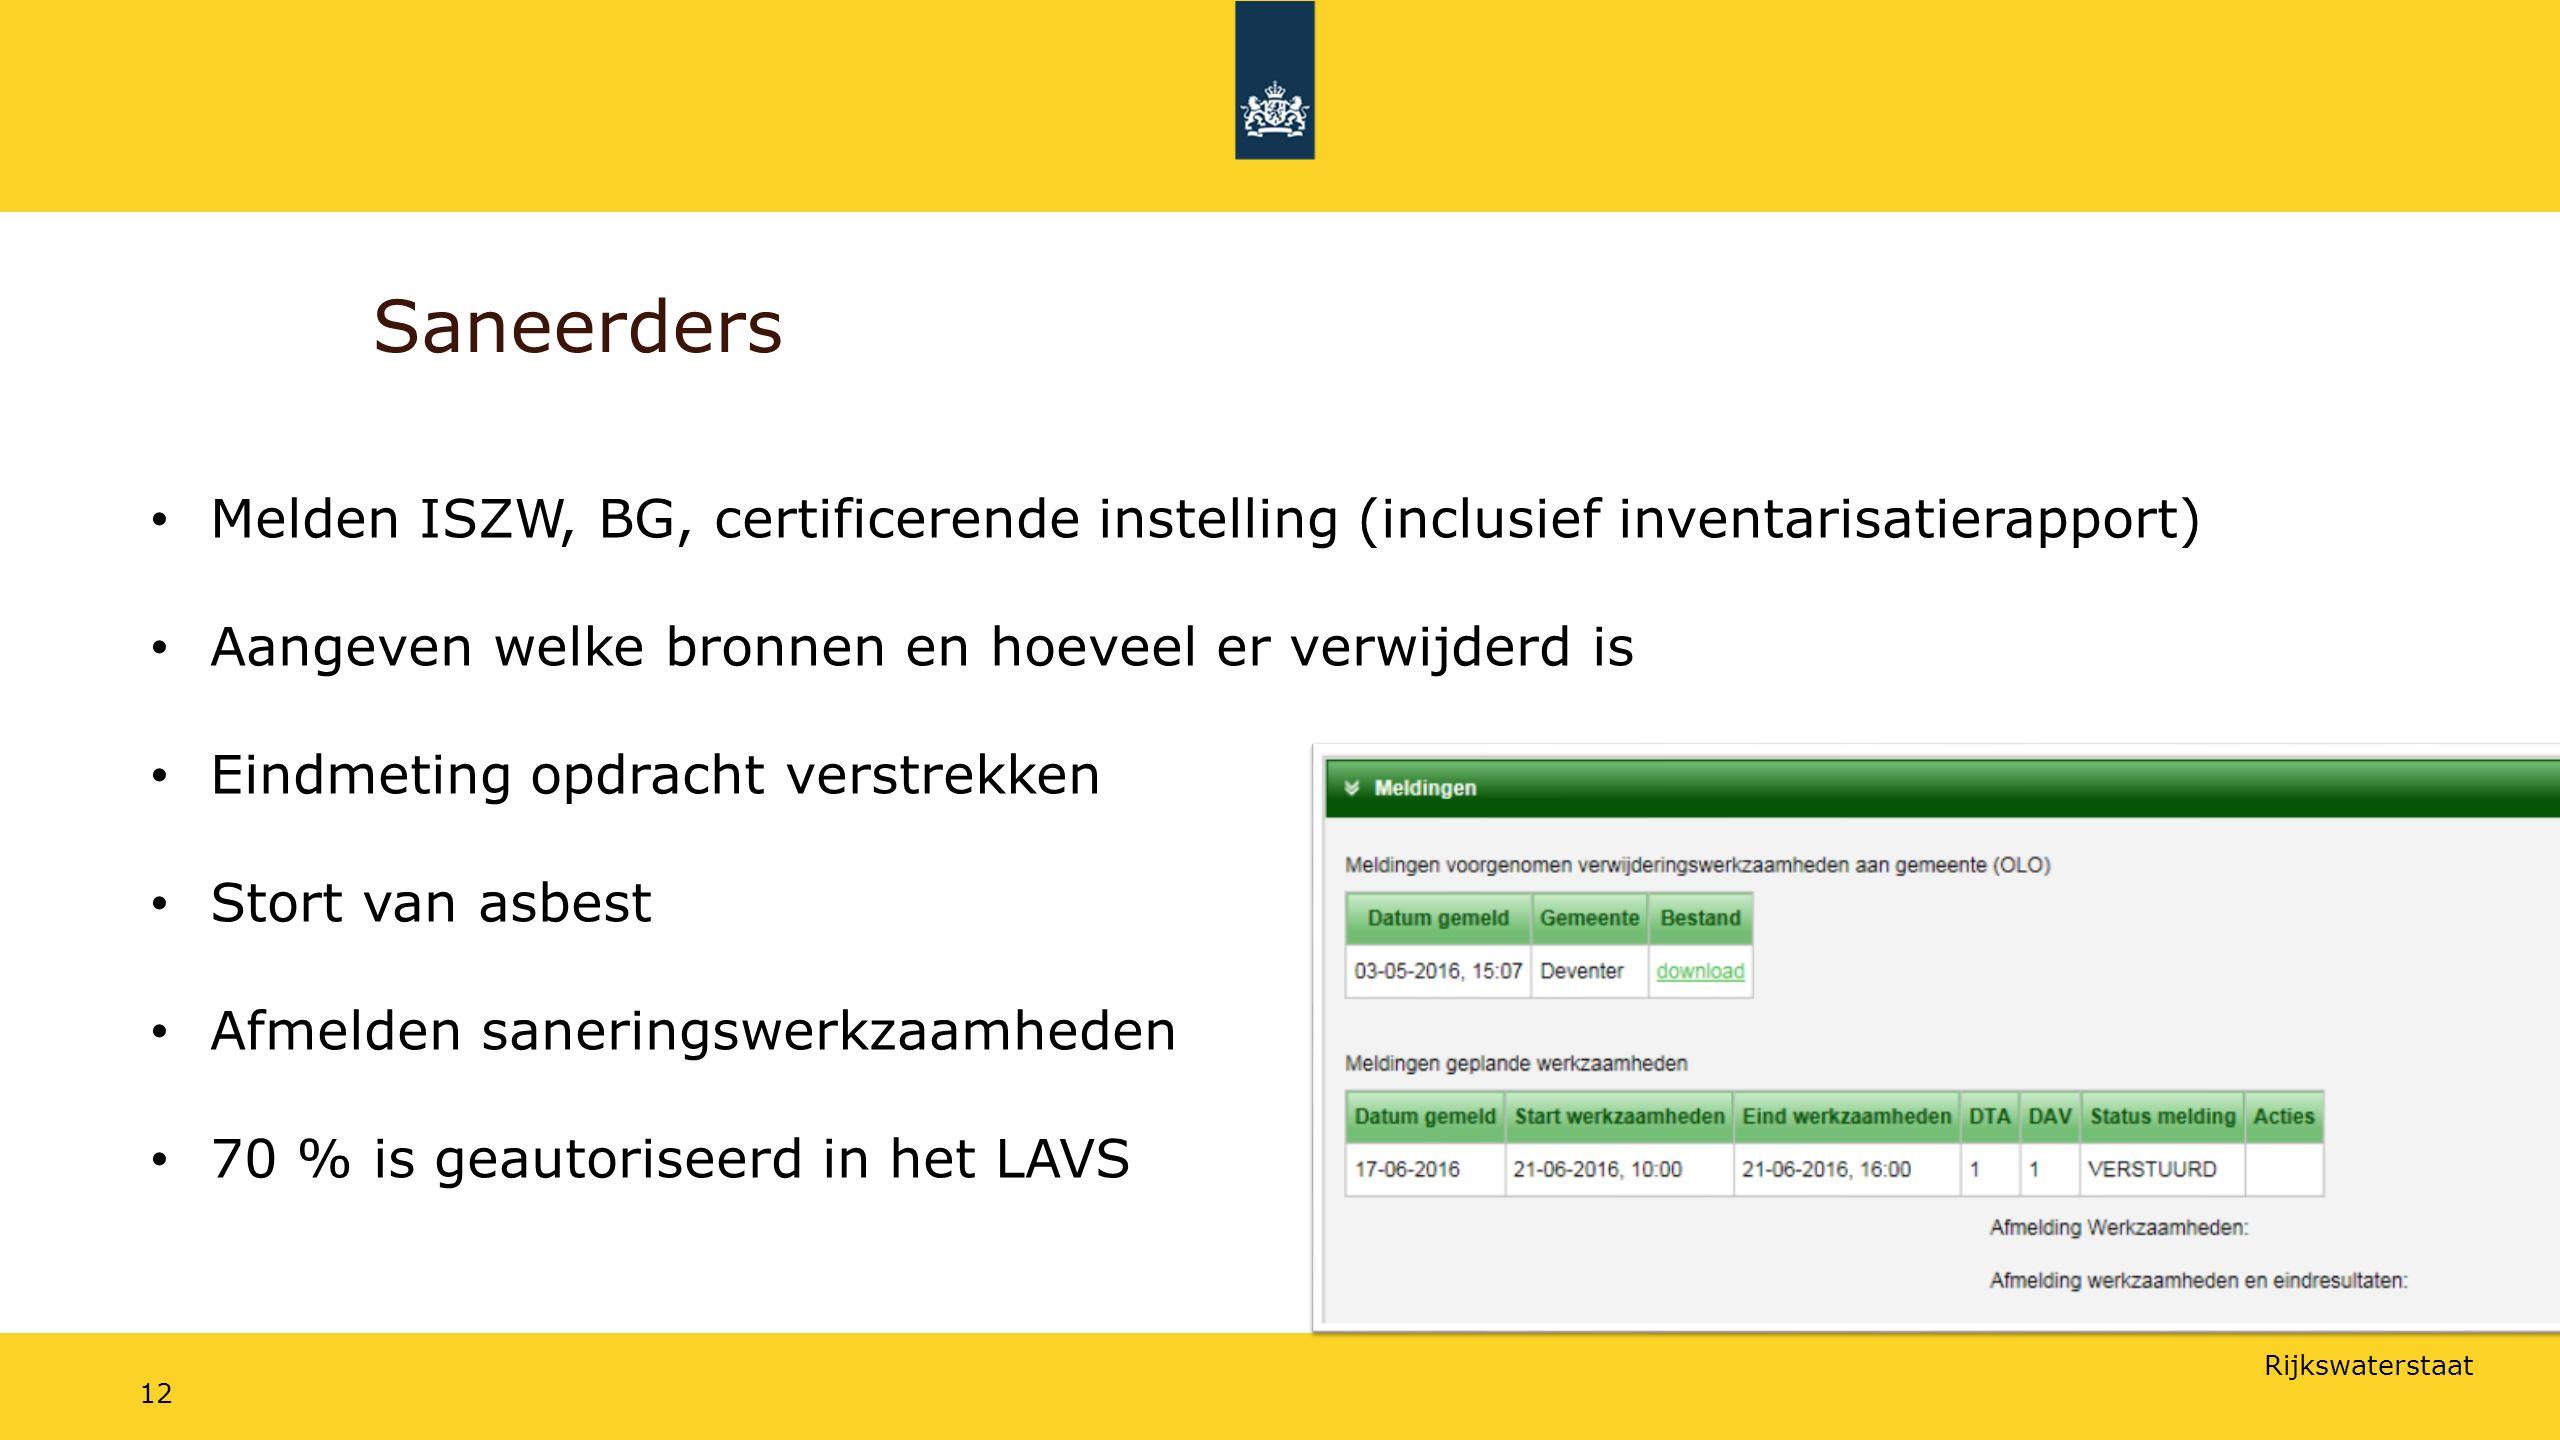 Saneerders Melden ISZW, BG, certificerende instelling (inclusief inventarisatierapport) Aangeven welke bronnen en hoeveel er verwijderd is.